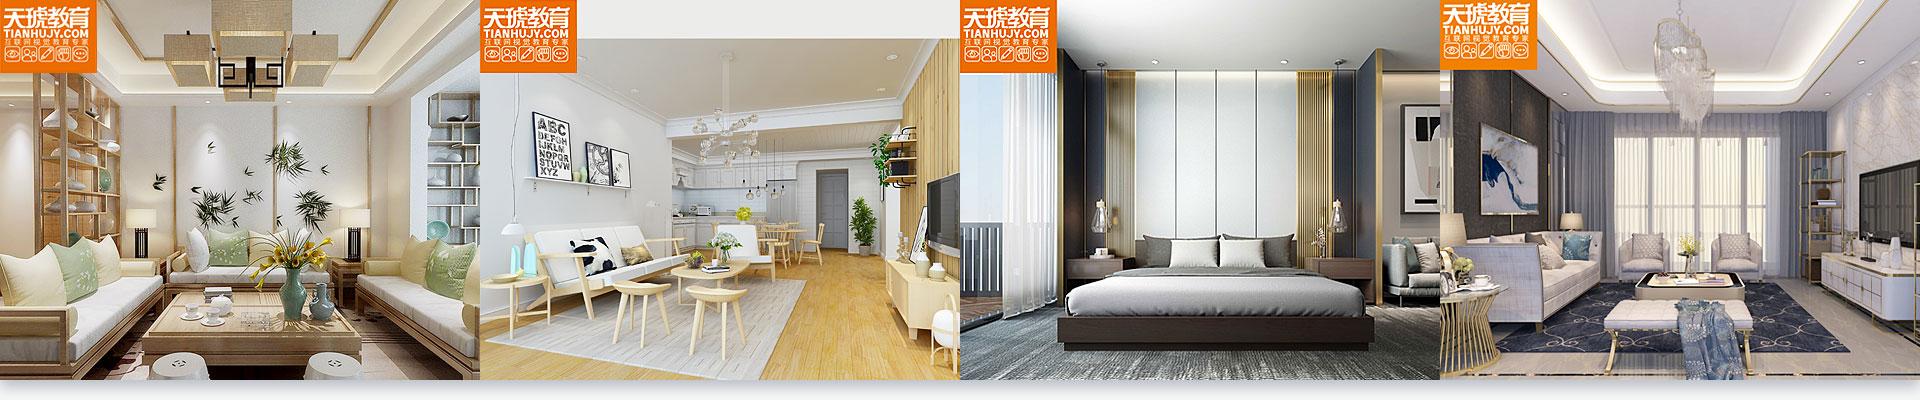 广州室内设计培训推荐